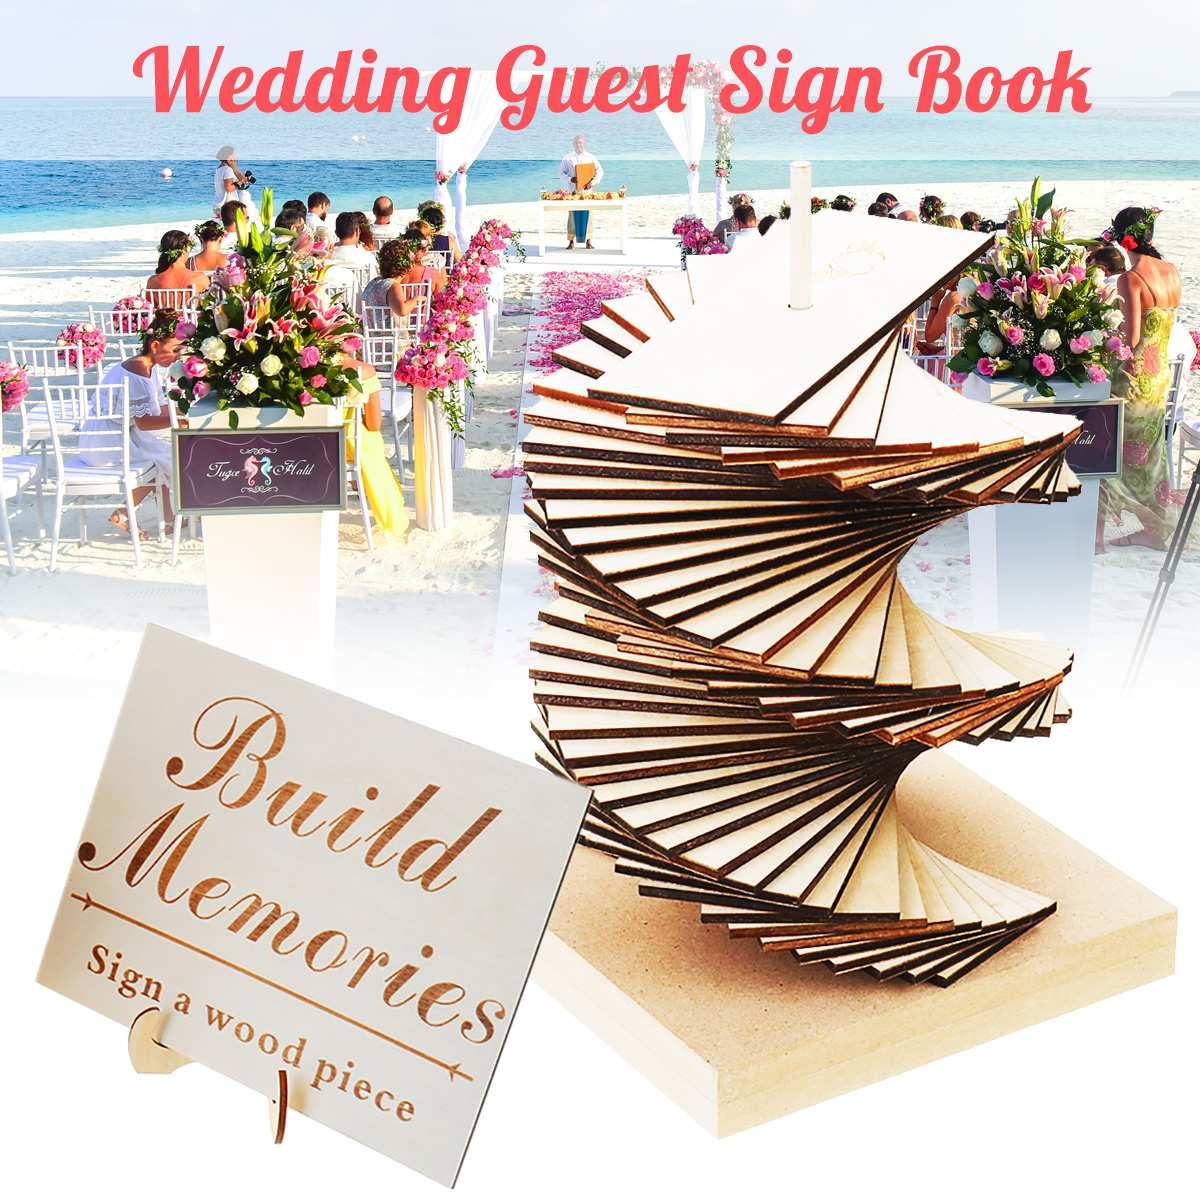 Livre en bois de signe de Signature d'invité de mariage 3D gravé construisent des souvenirs livre d'or pour des ornements de décor de mariage avec 50 panneaux de signe